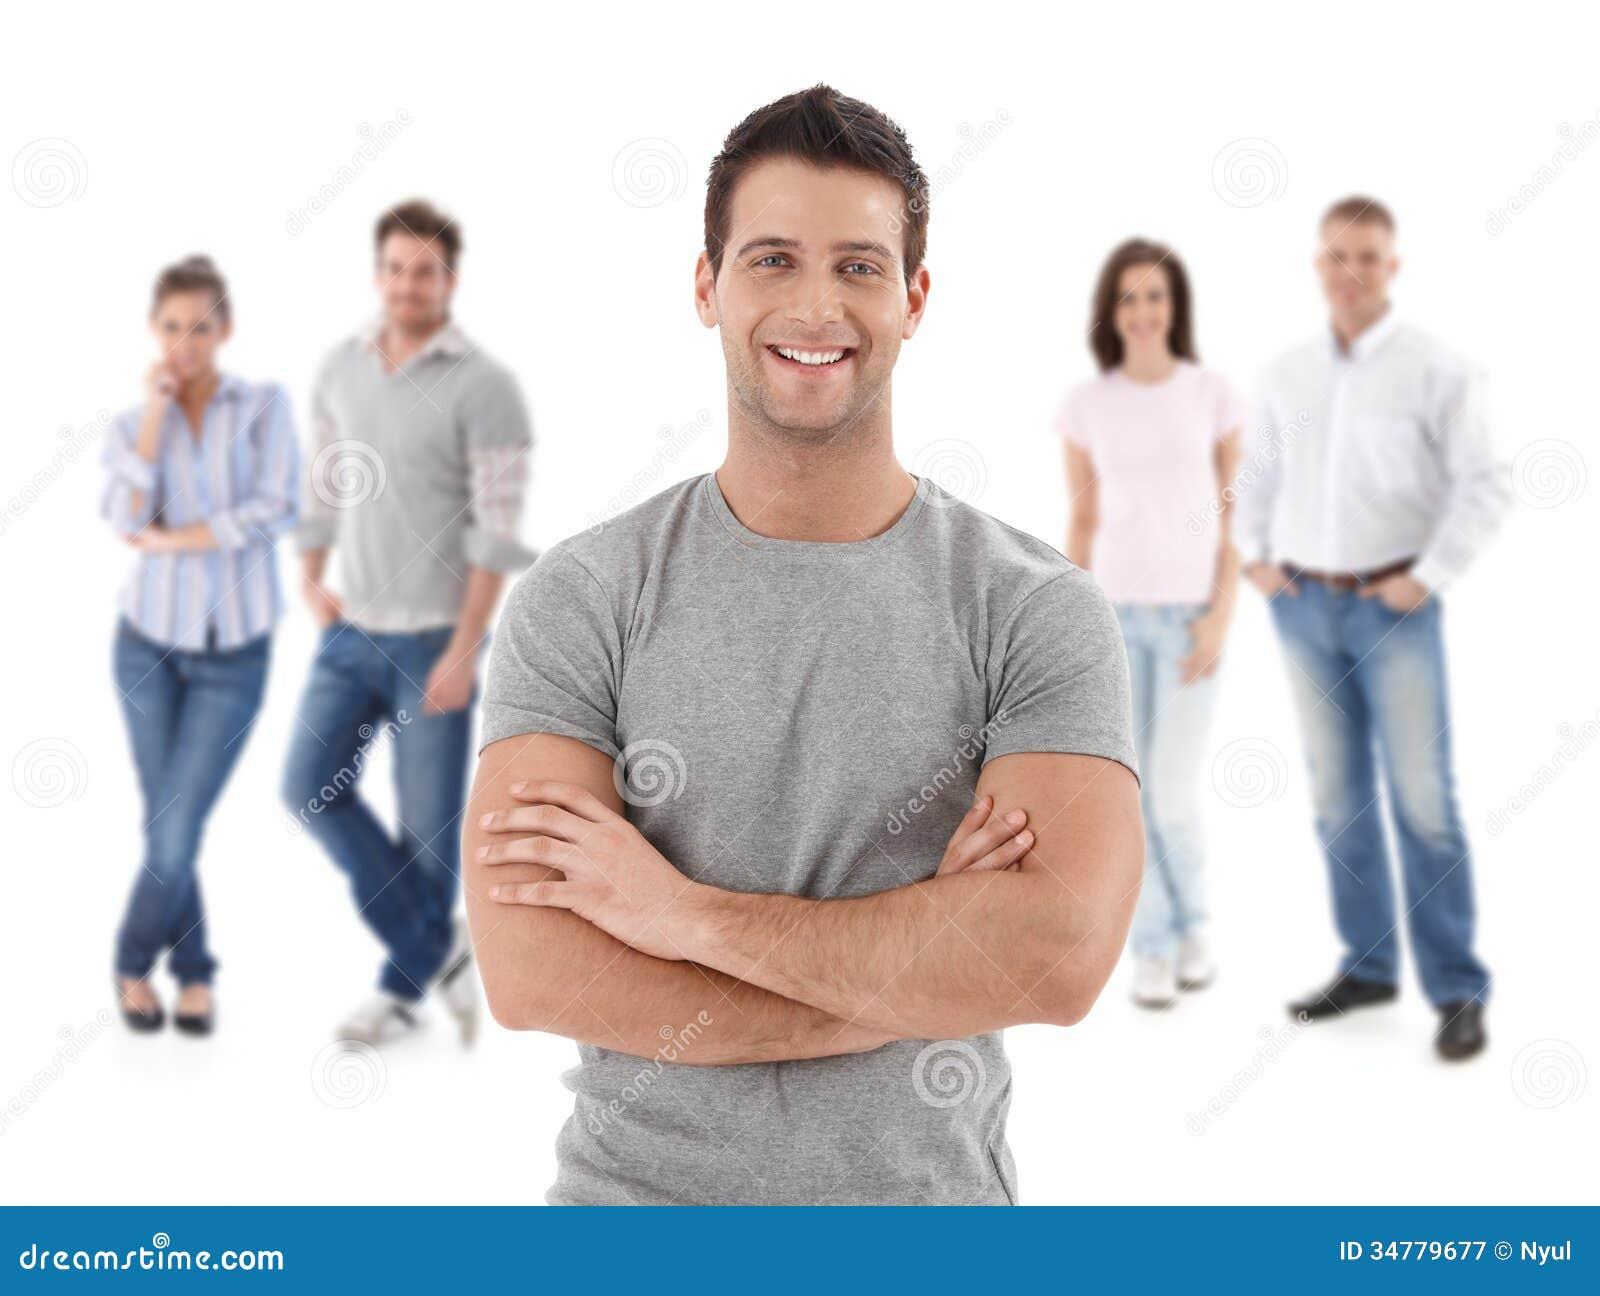 Groep gelukkige jongeren